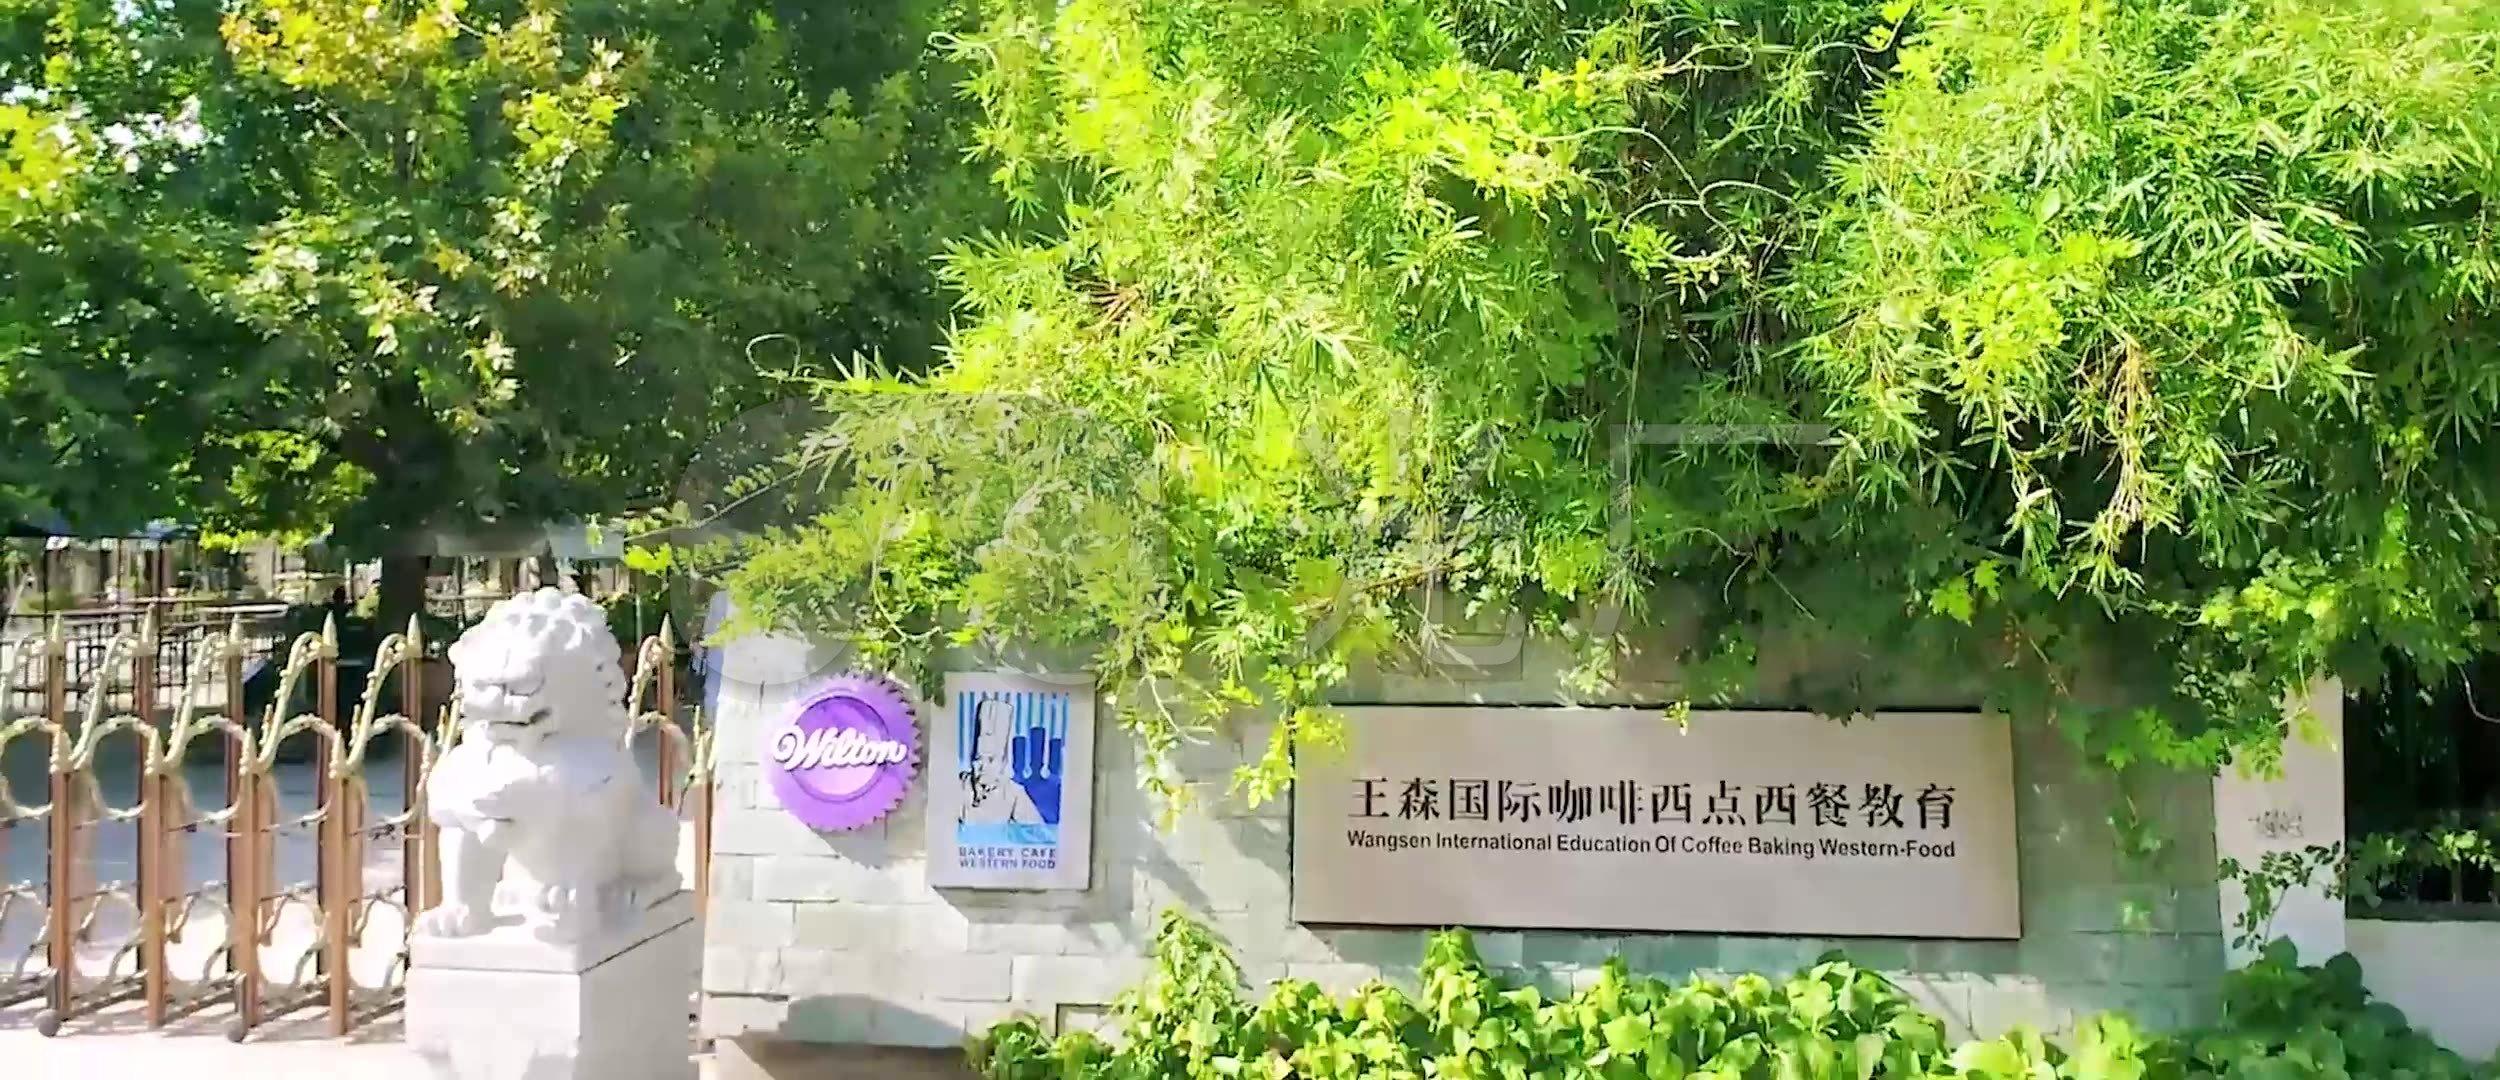 航拍苏州王森学校旺山风景延时图片